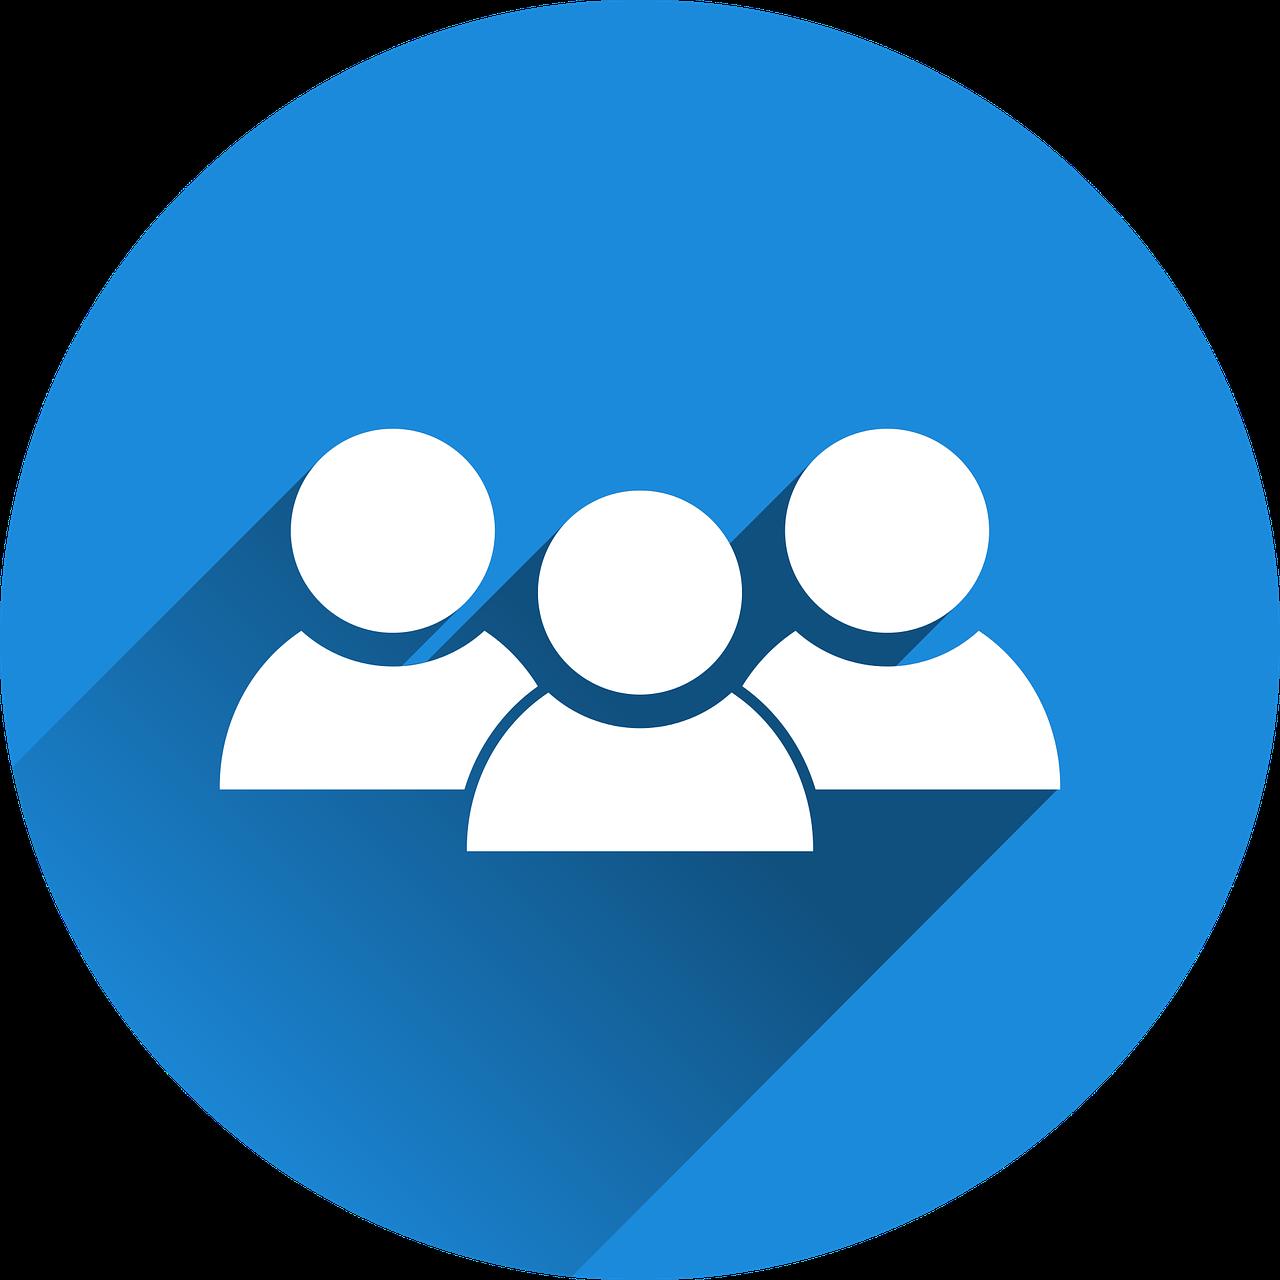 group, together, teamwork